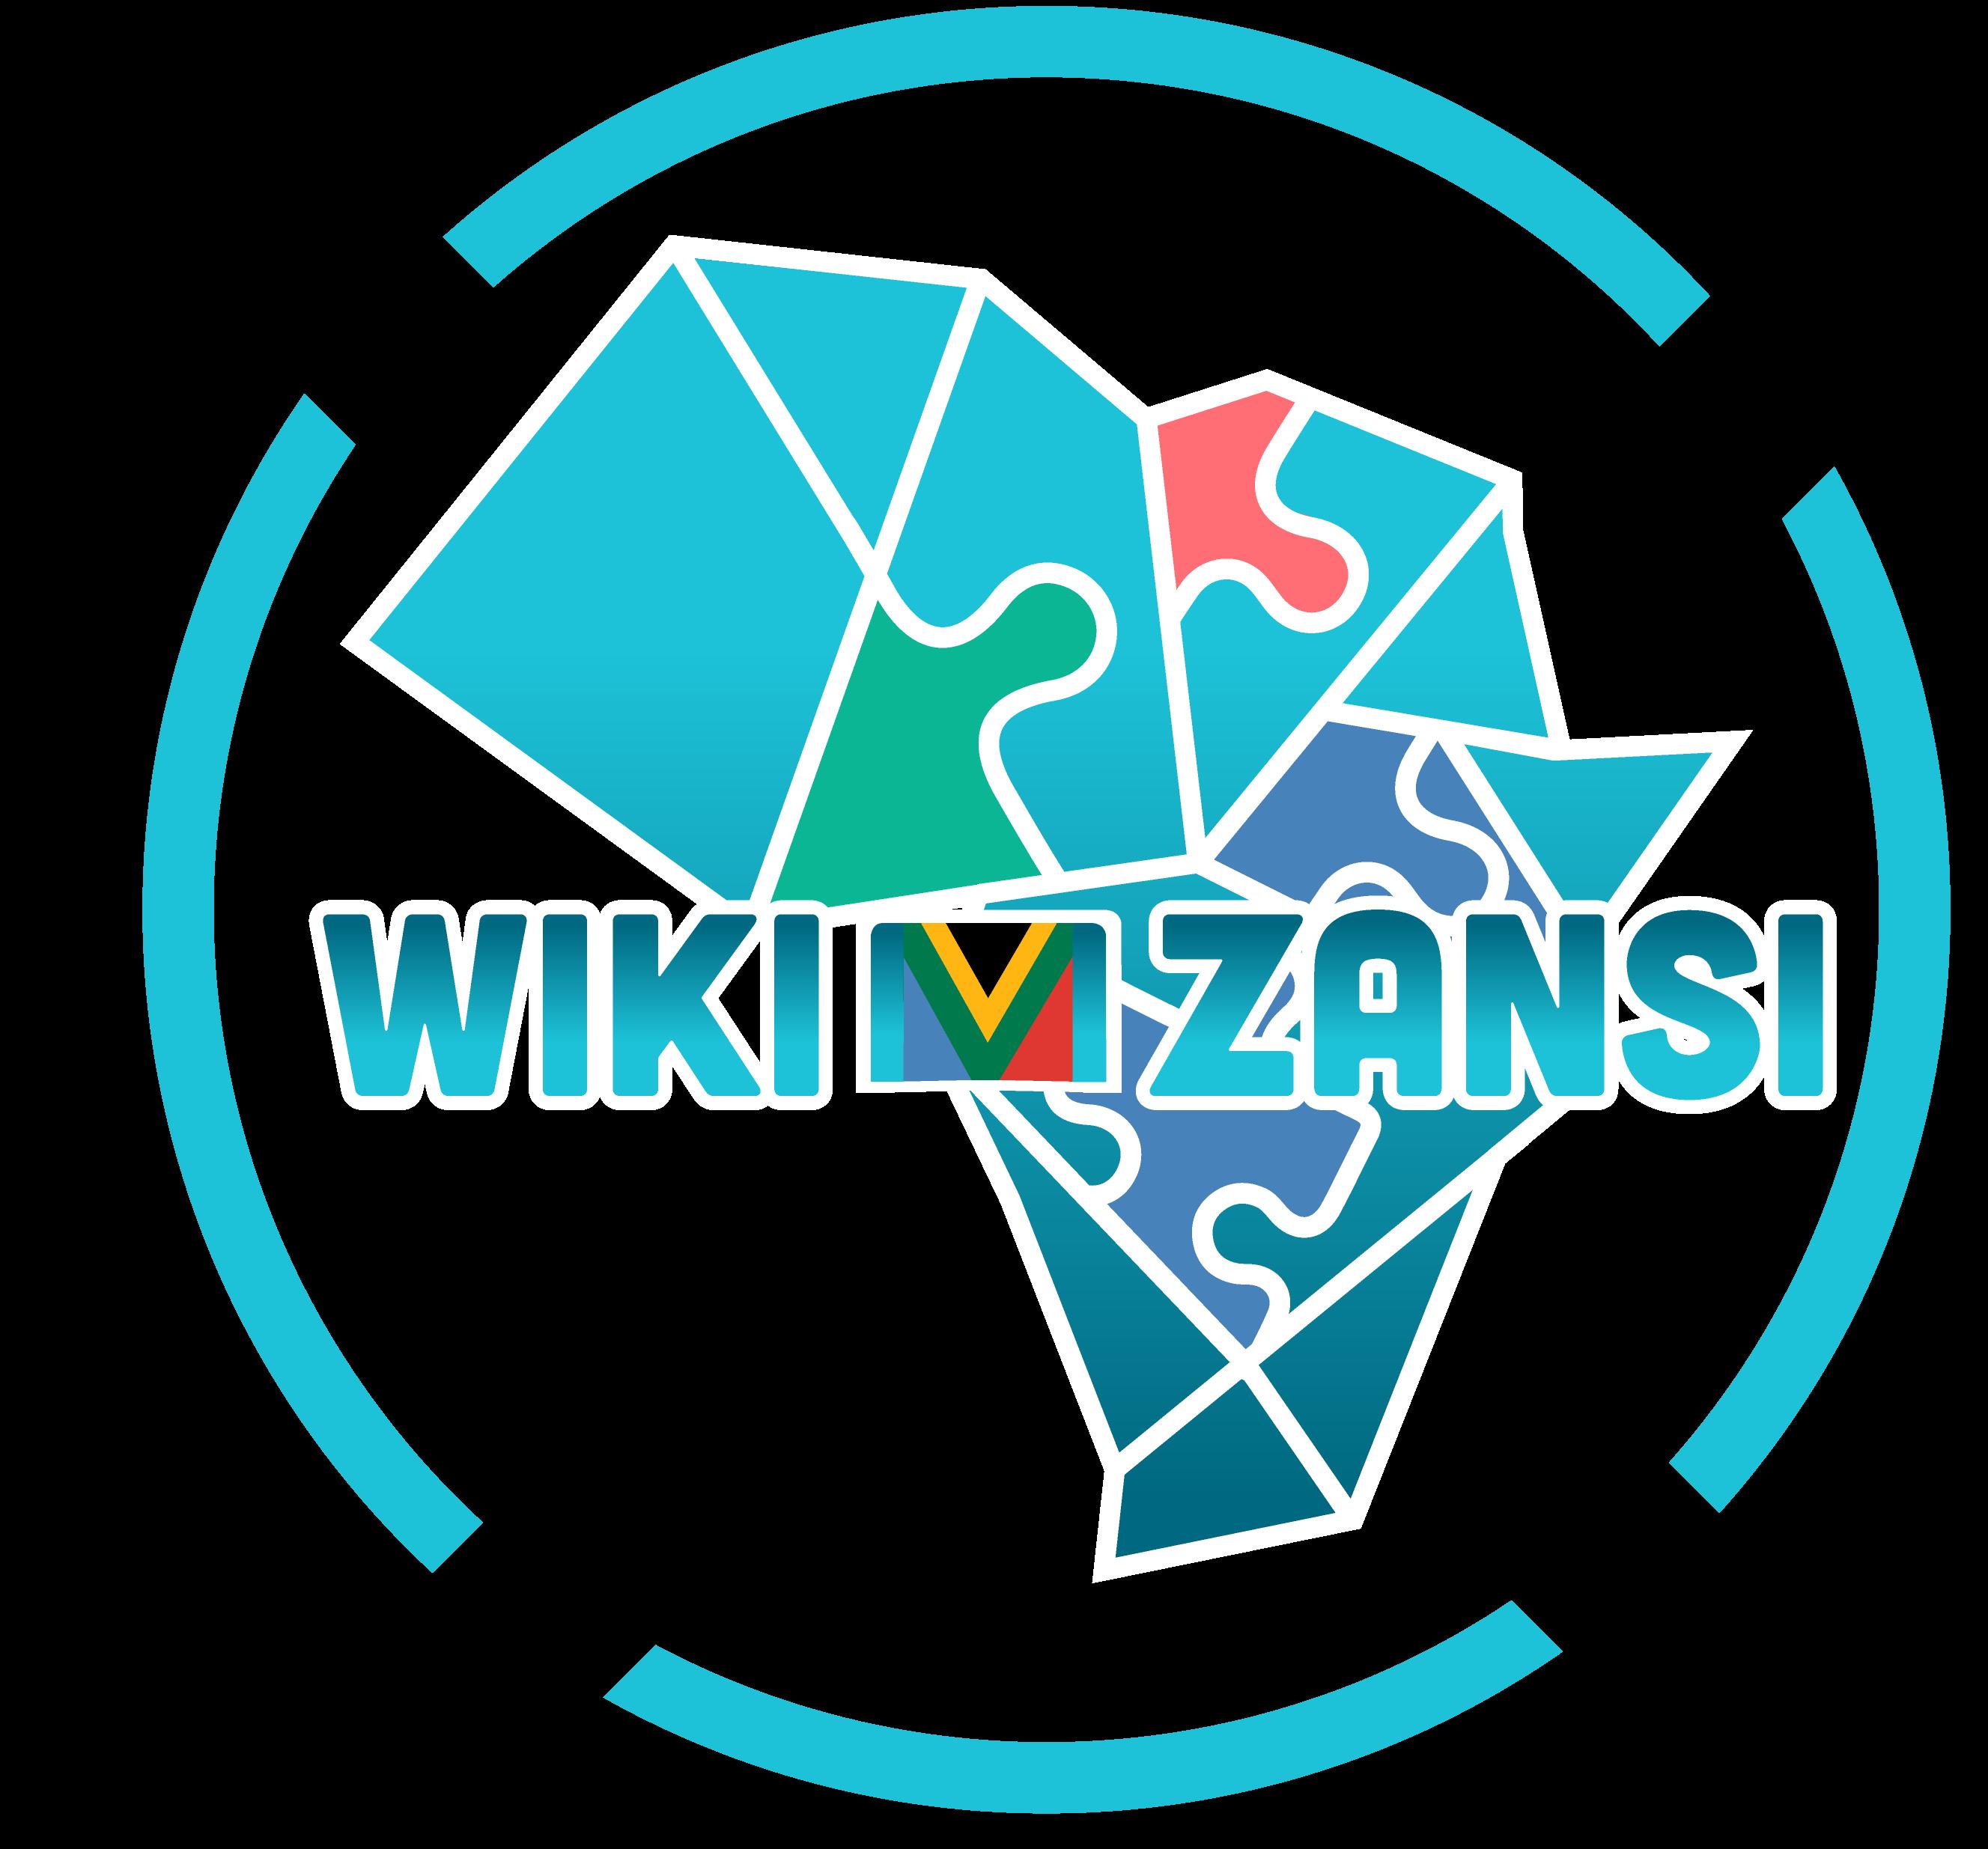 Wiki Mzansi